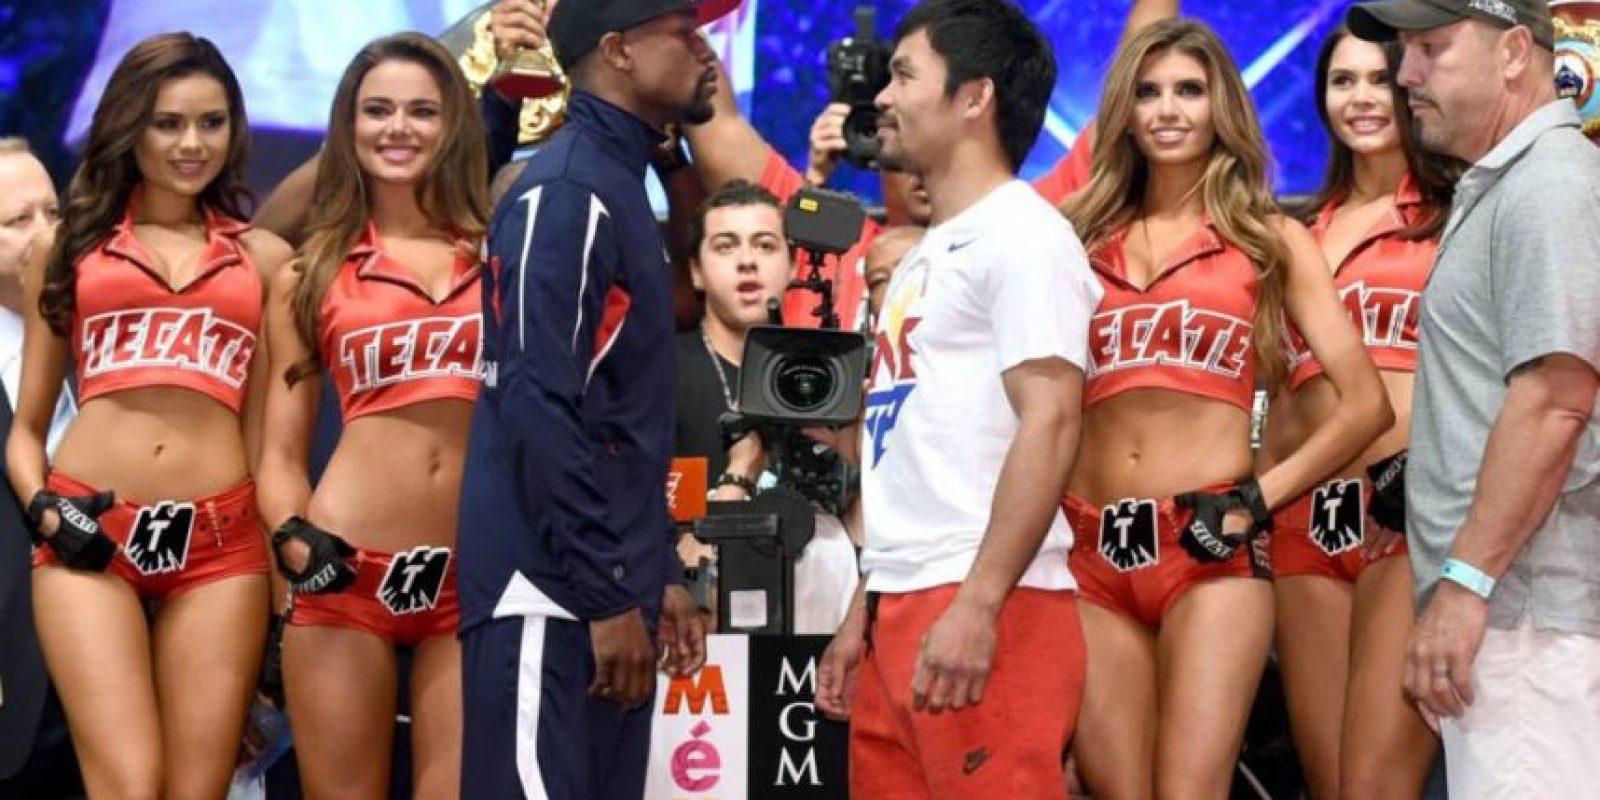 120 millones serían para Mayweather y 80 millones para Pacquiao. Foto:Vía facebook.com/WBCBOXING